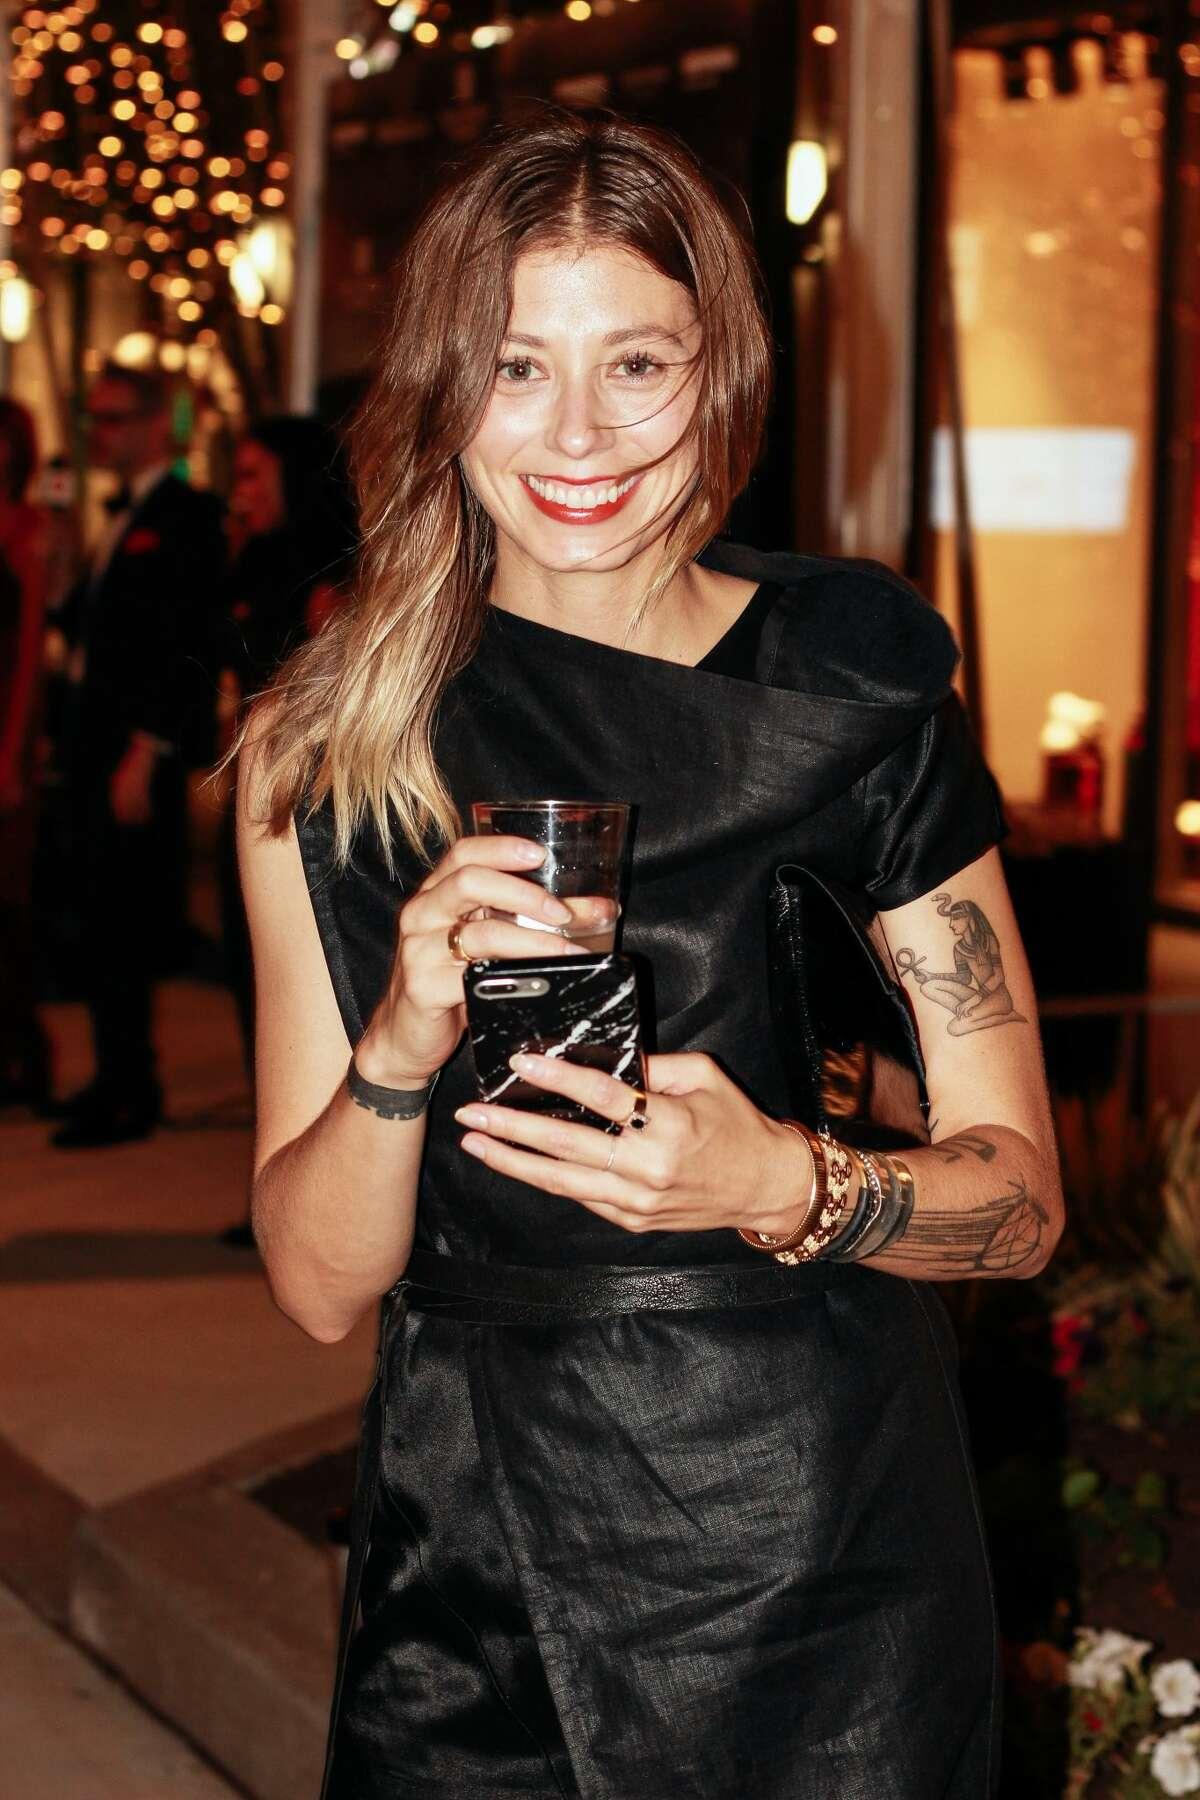 AT FASHION X HOUSTON: Designer Melissa Fleis